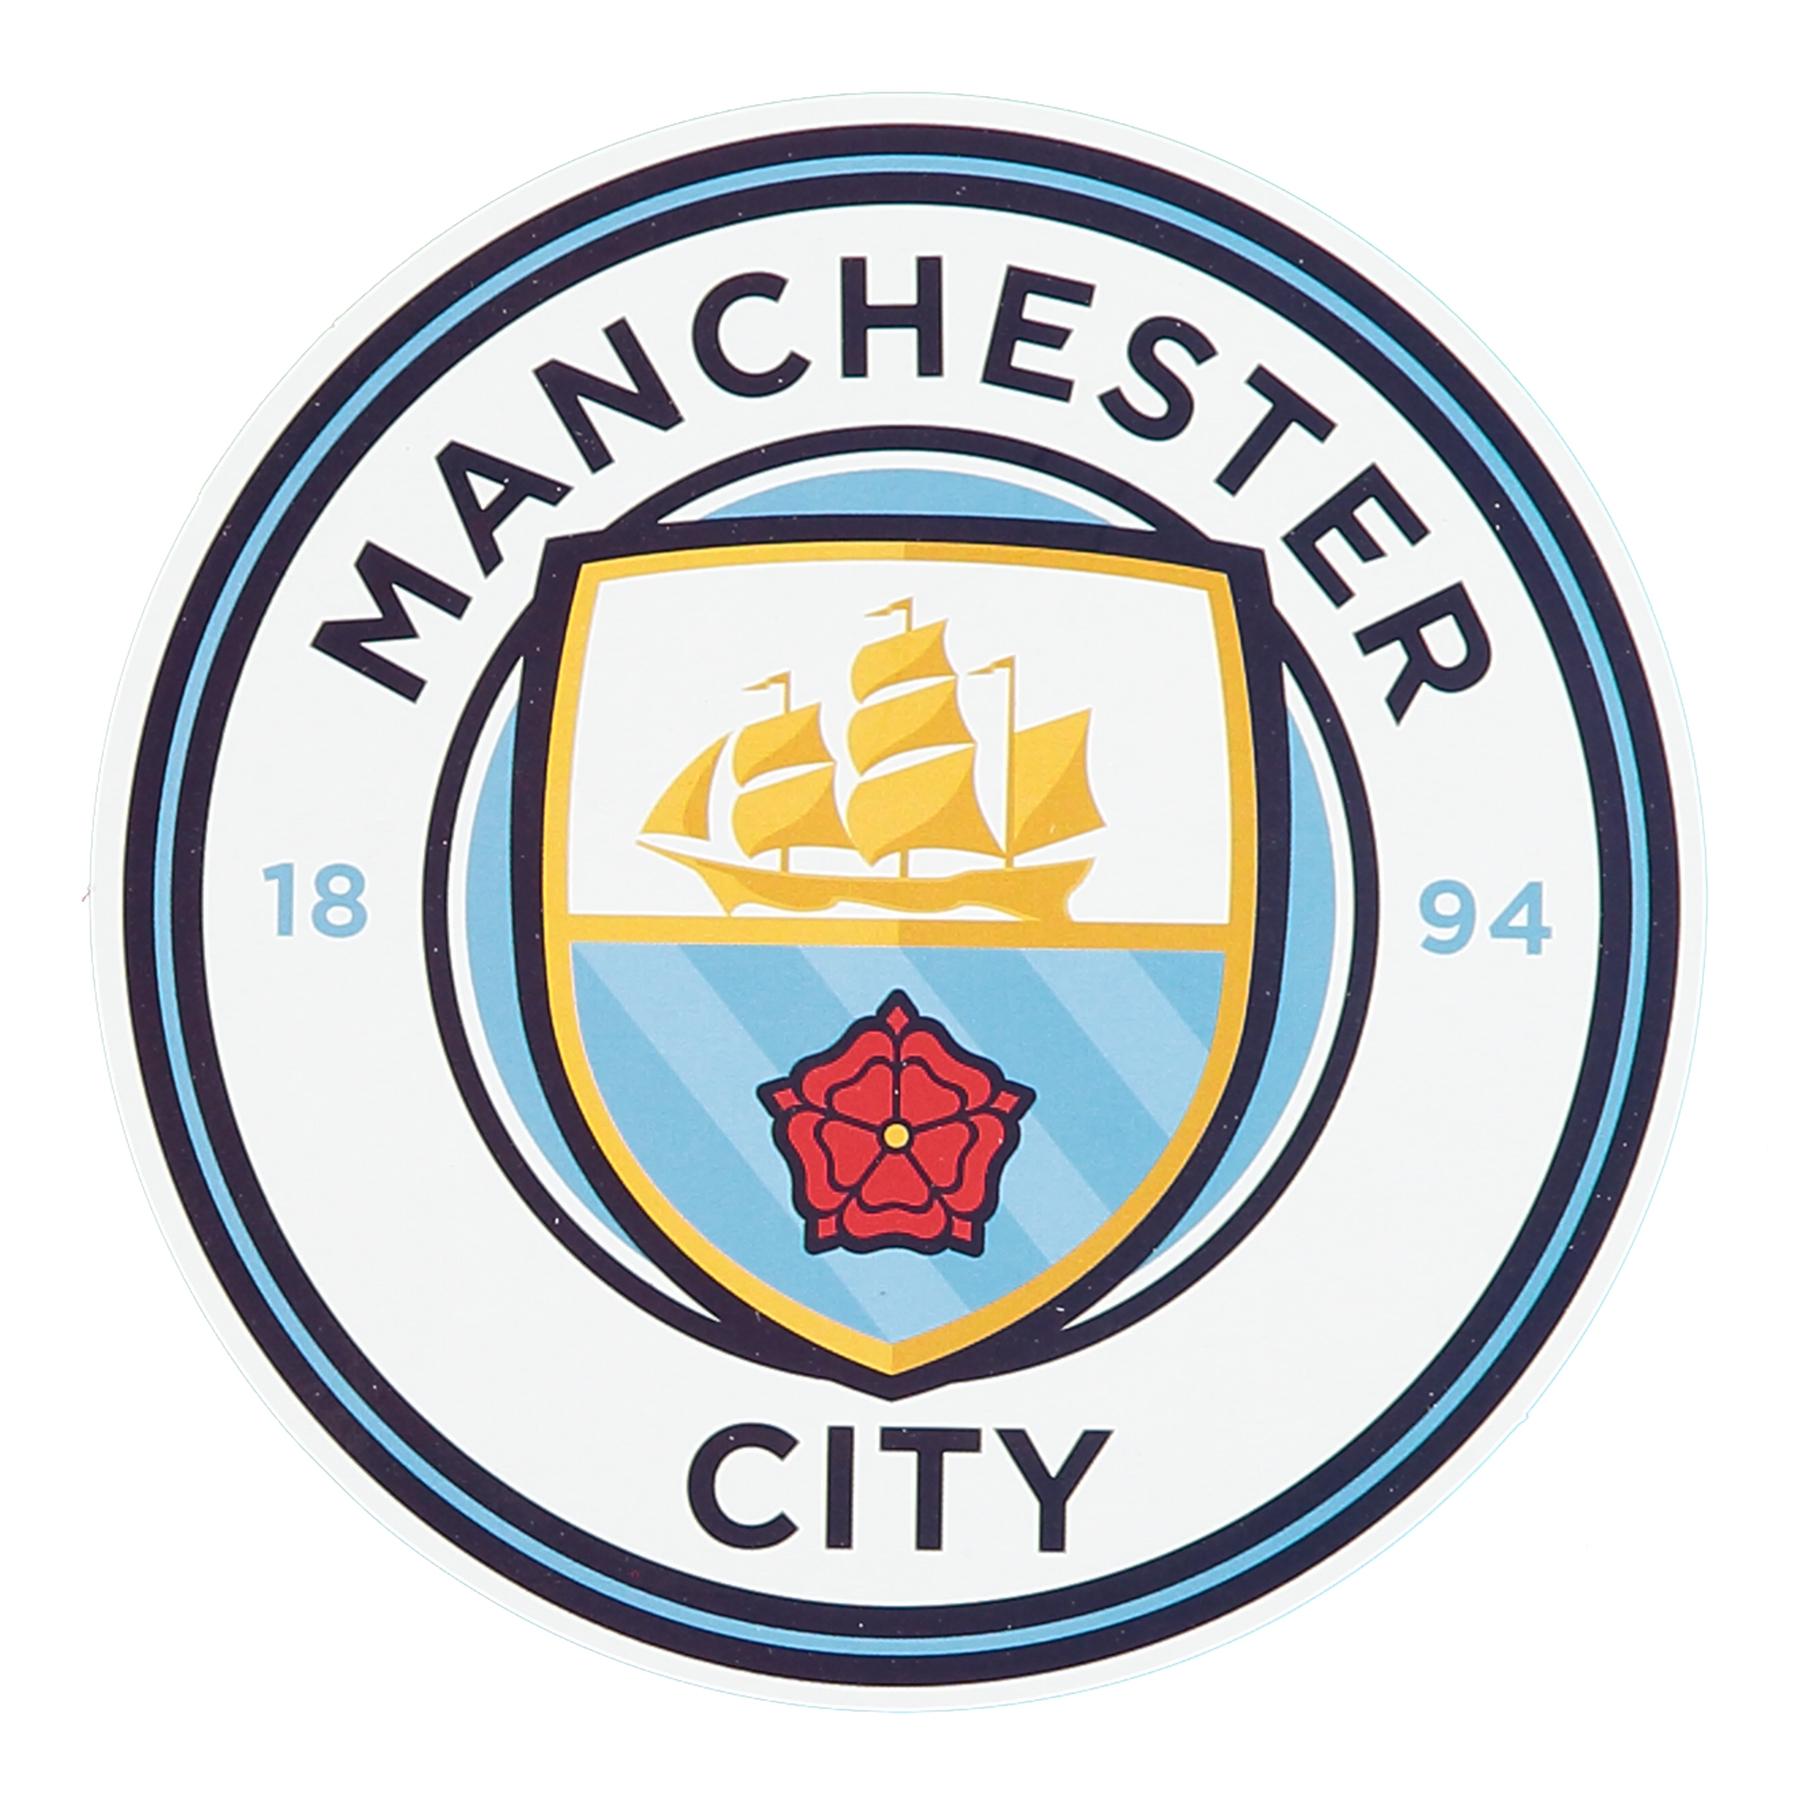 Manchester City Crest Car Sticker